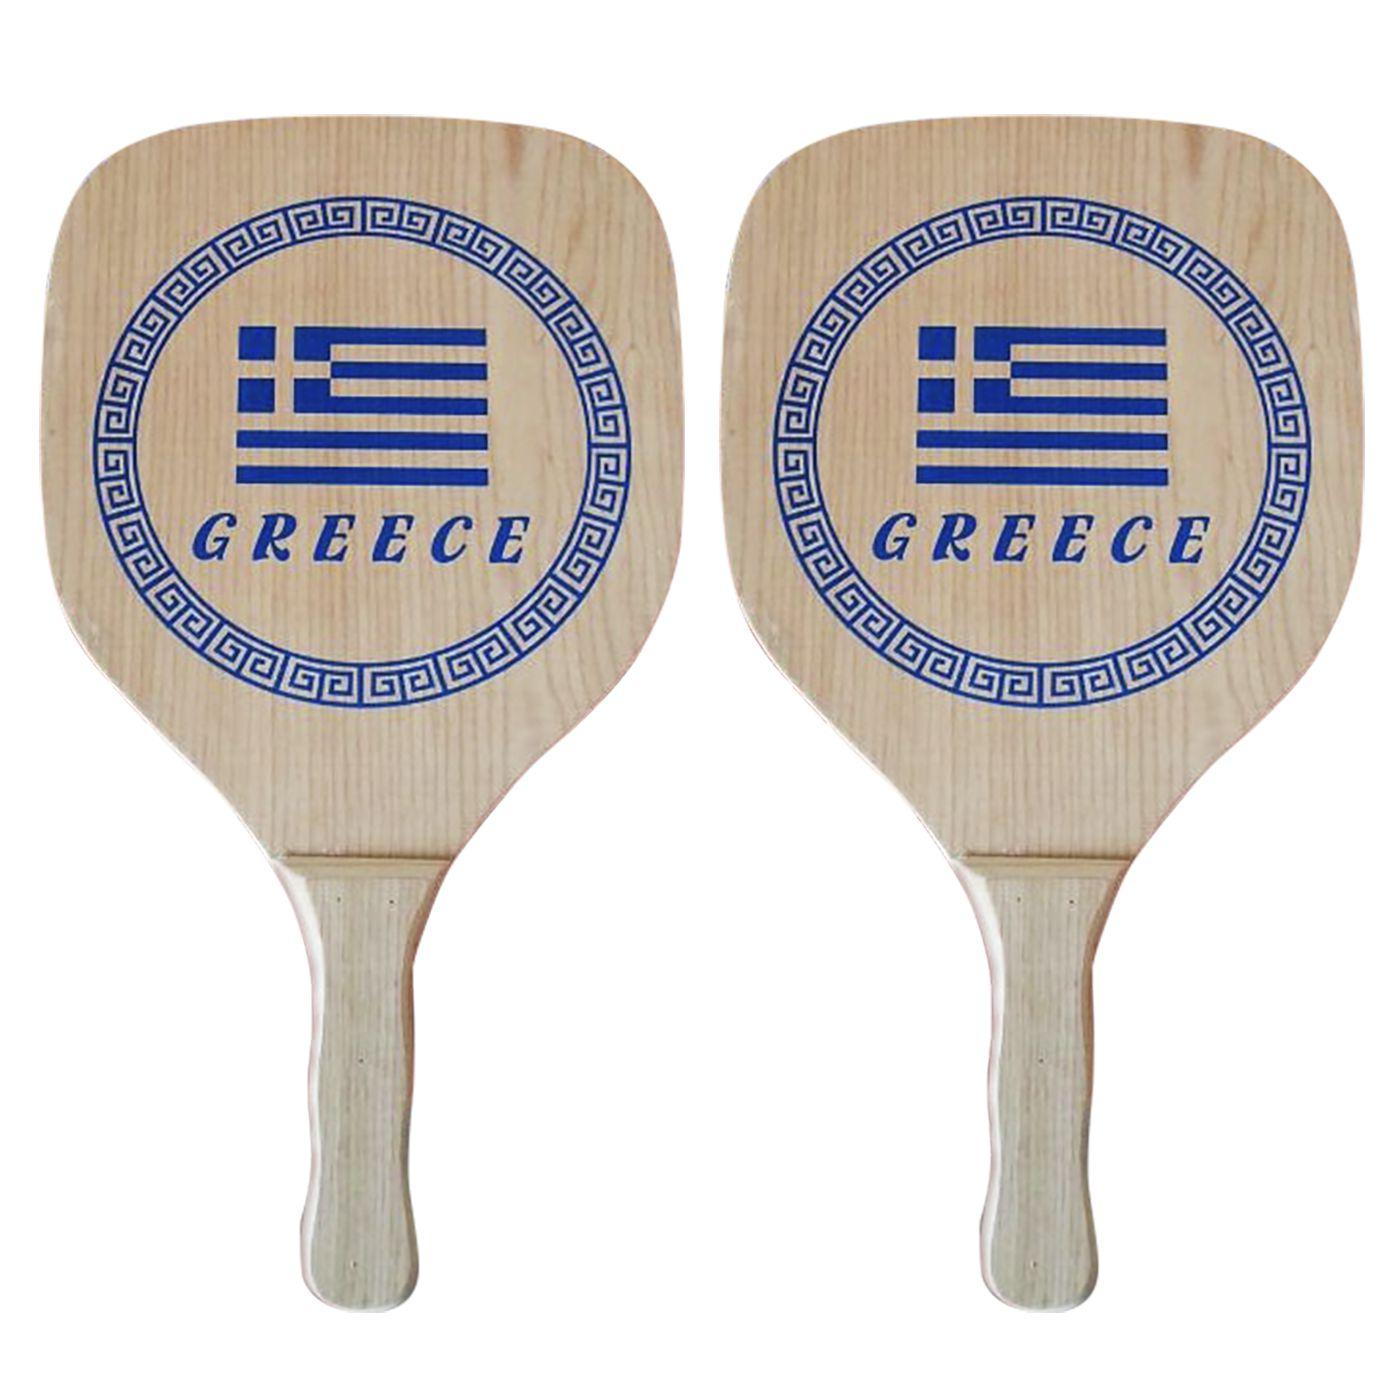 ΡΑΚΕΤΑ ΞΥΛΙΝΗ GREECE ΣΕΤ=2ΤΕΜ 40x22x1,2cm